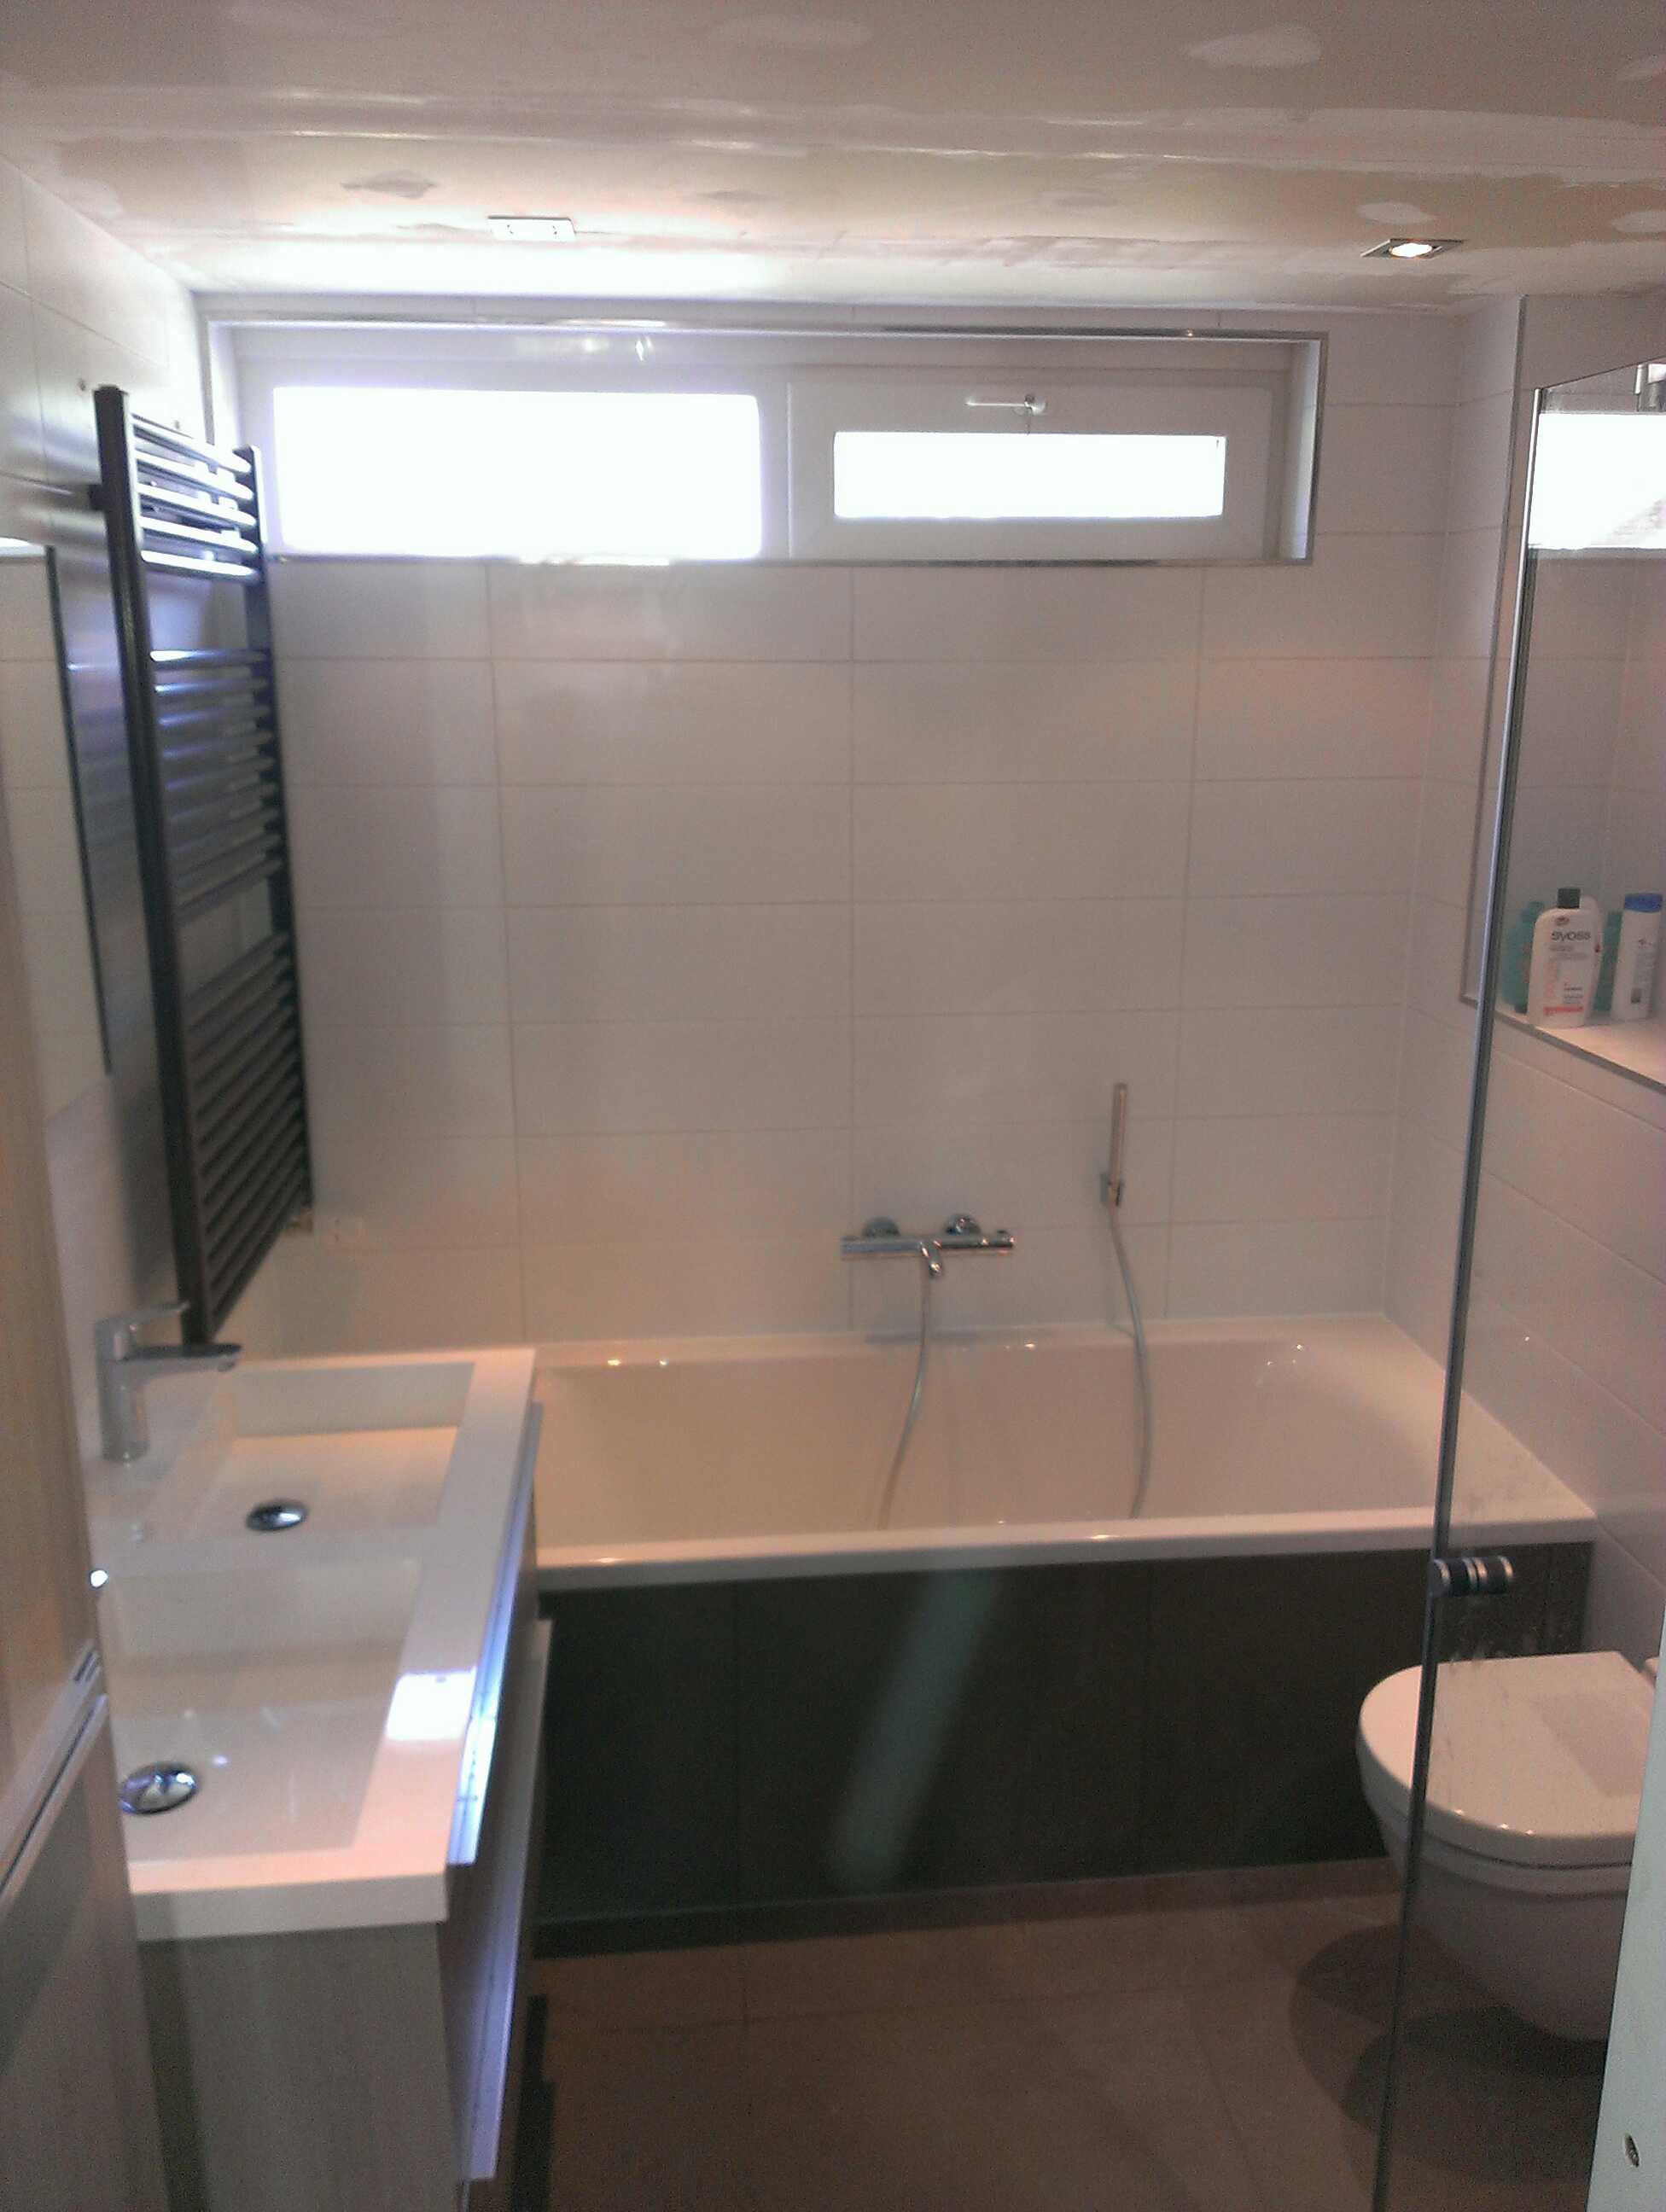 20170410&225154_Nieuwe Badkamer En Wc ~   badkamer en wc compleet gerenoveerd verwijderen oude badkamer en wc